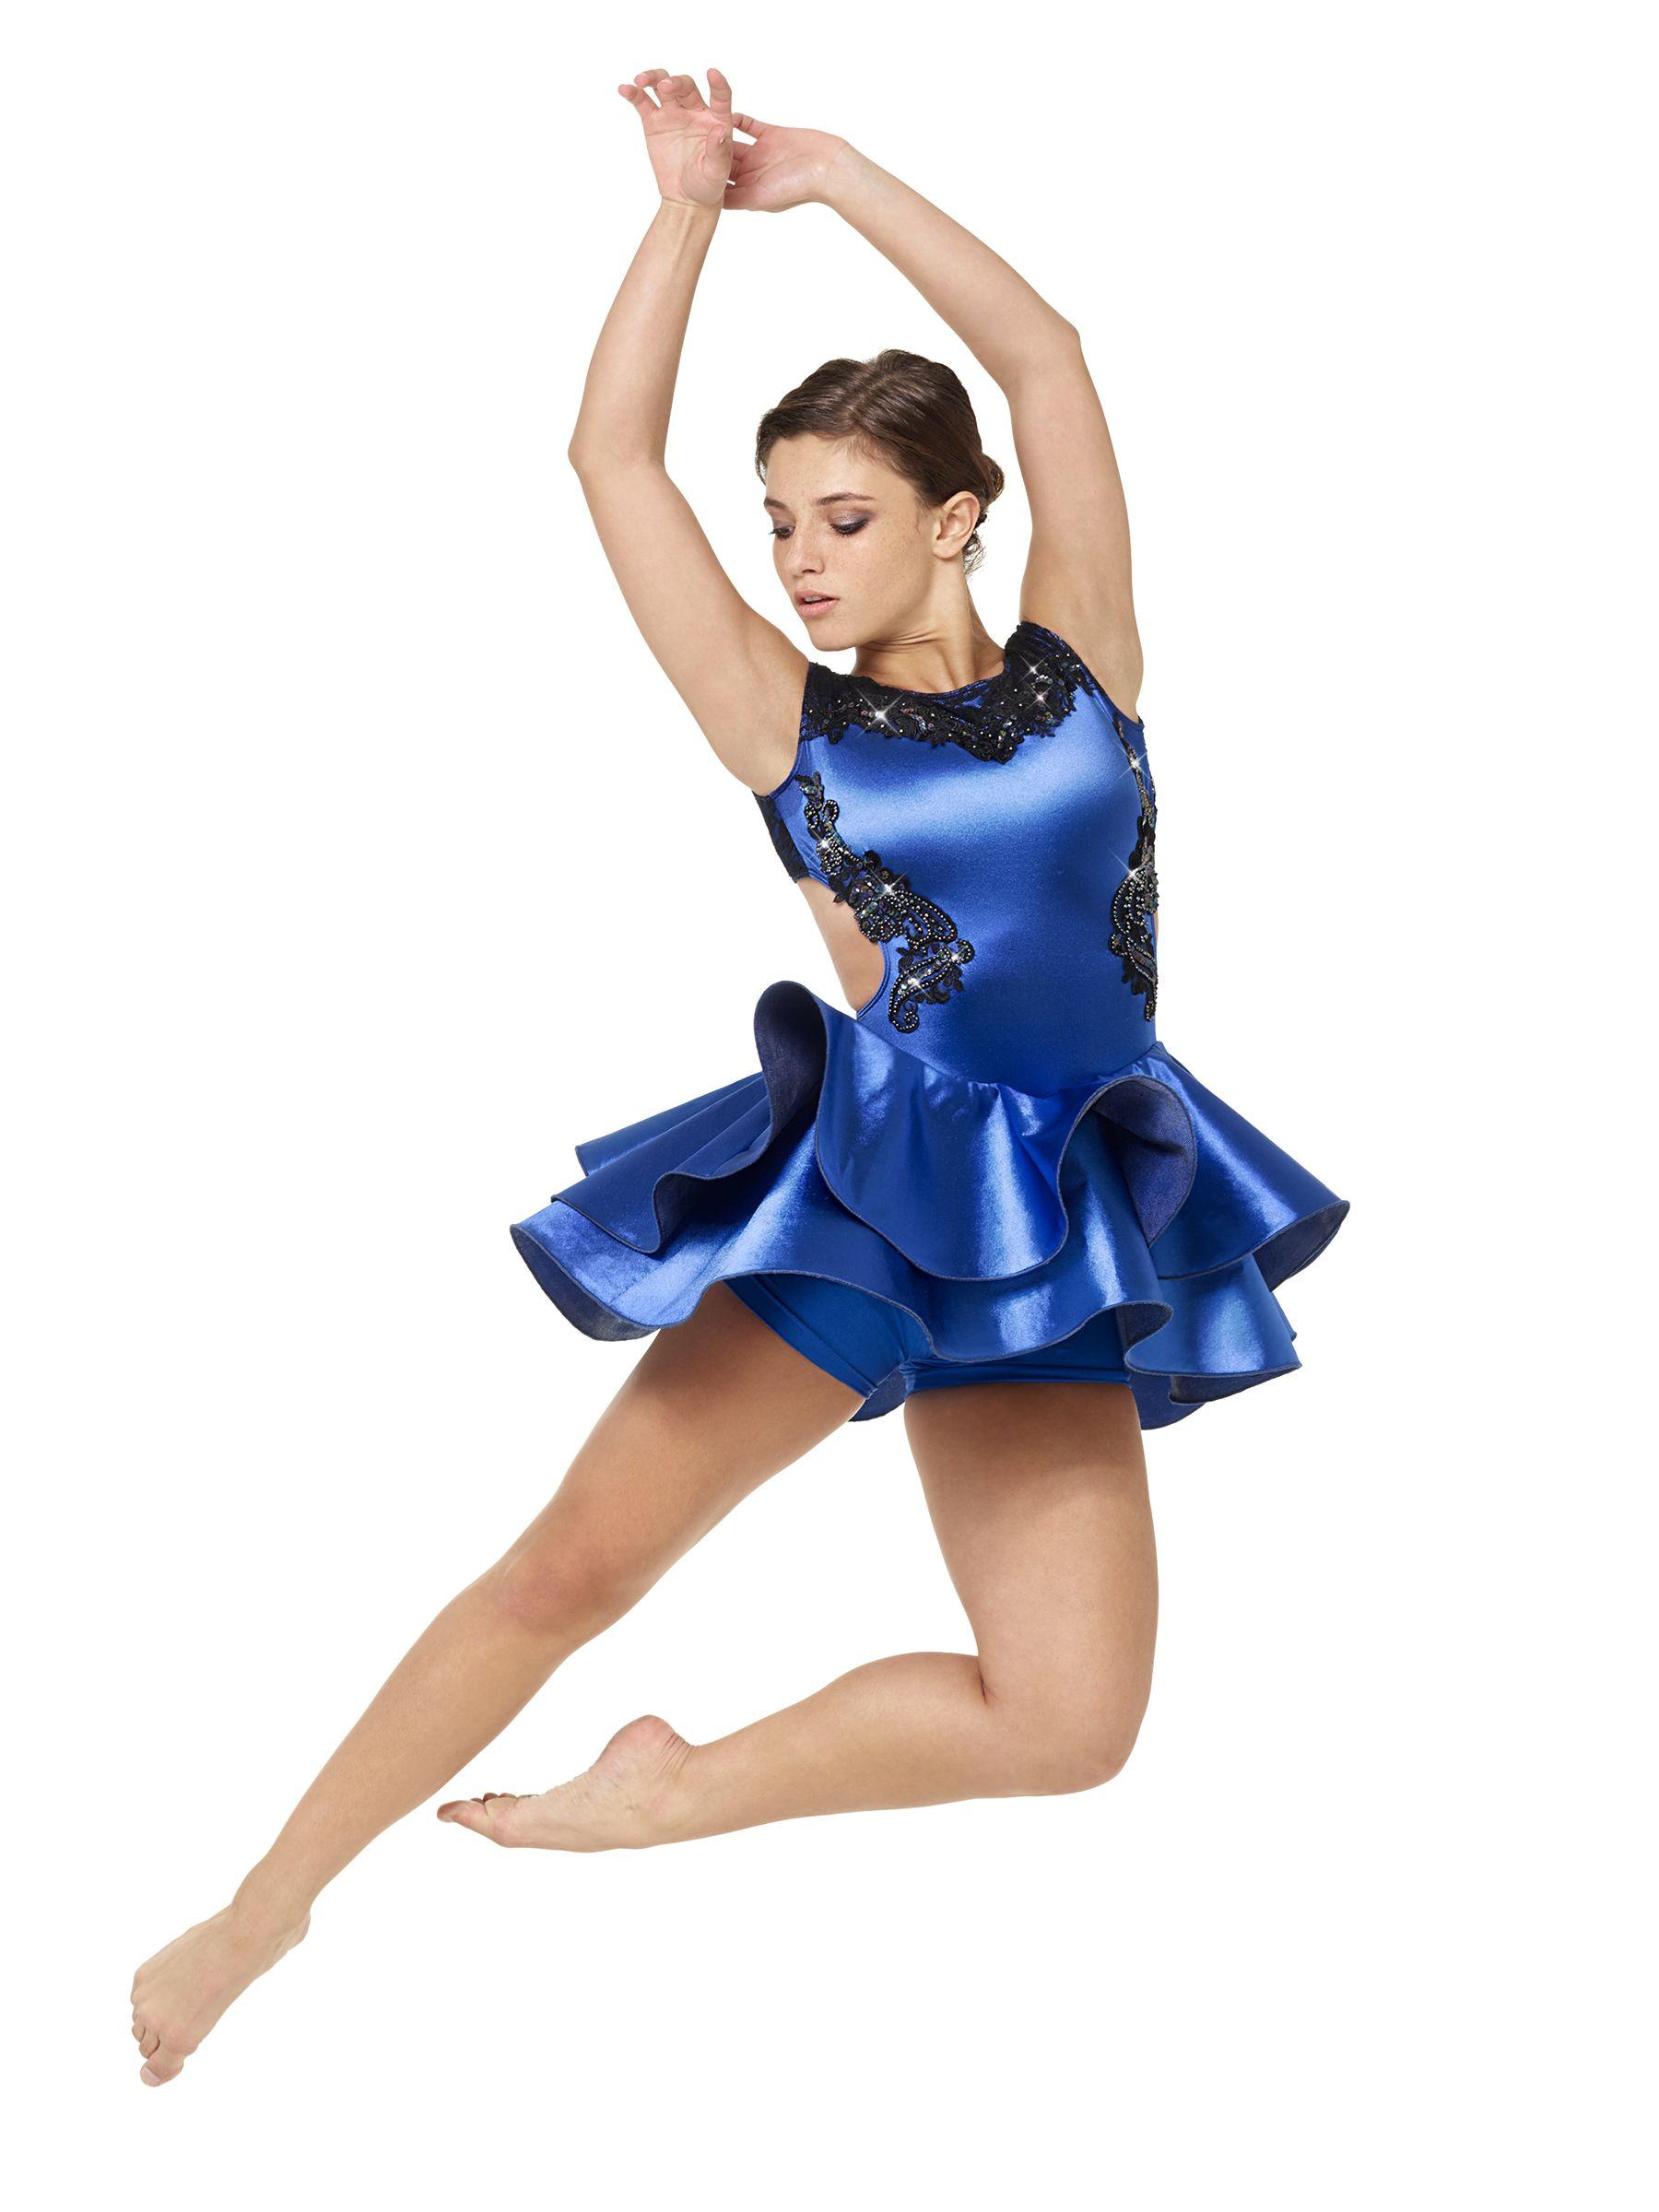 e0c0294c7 Supernova Dance Costume